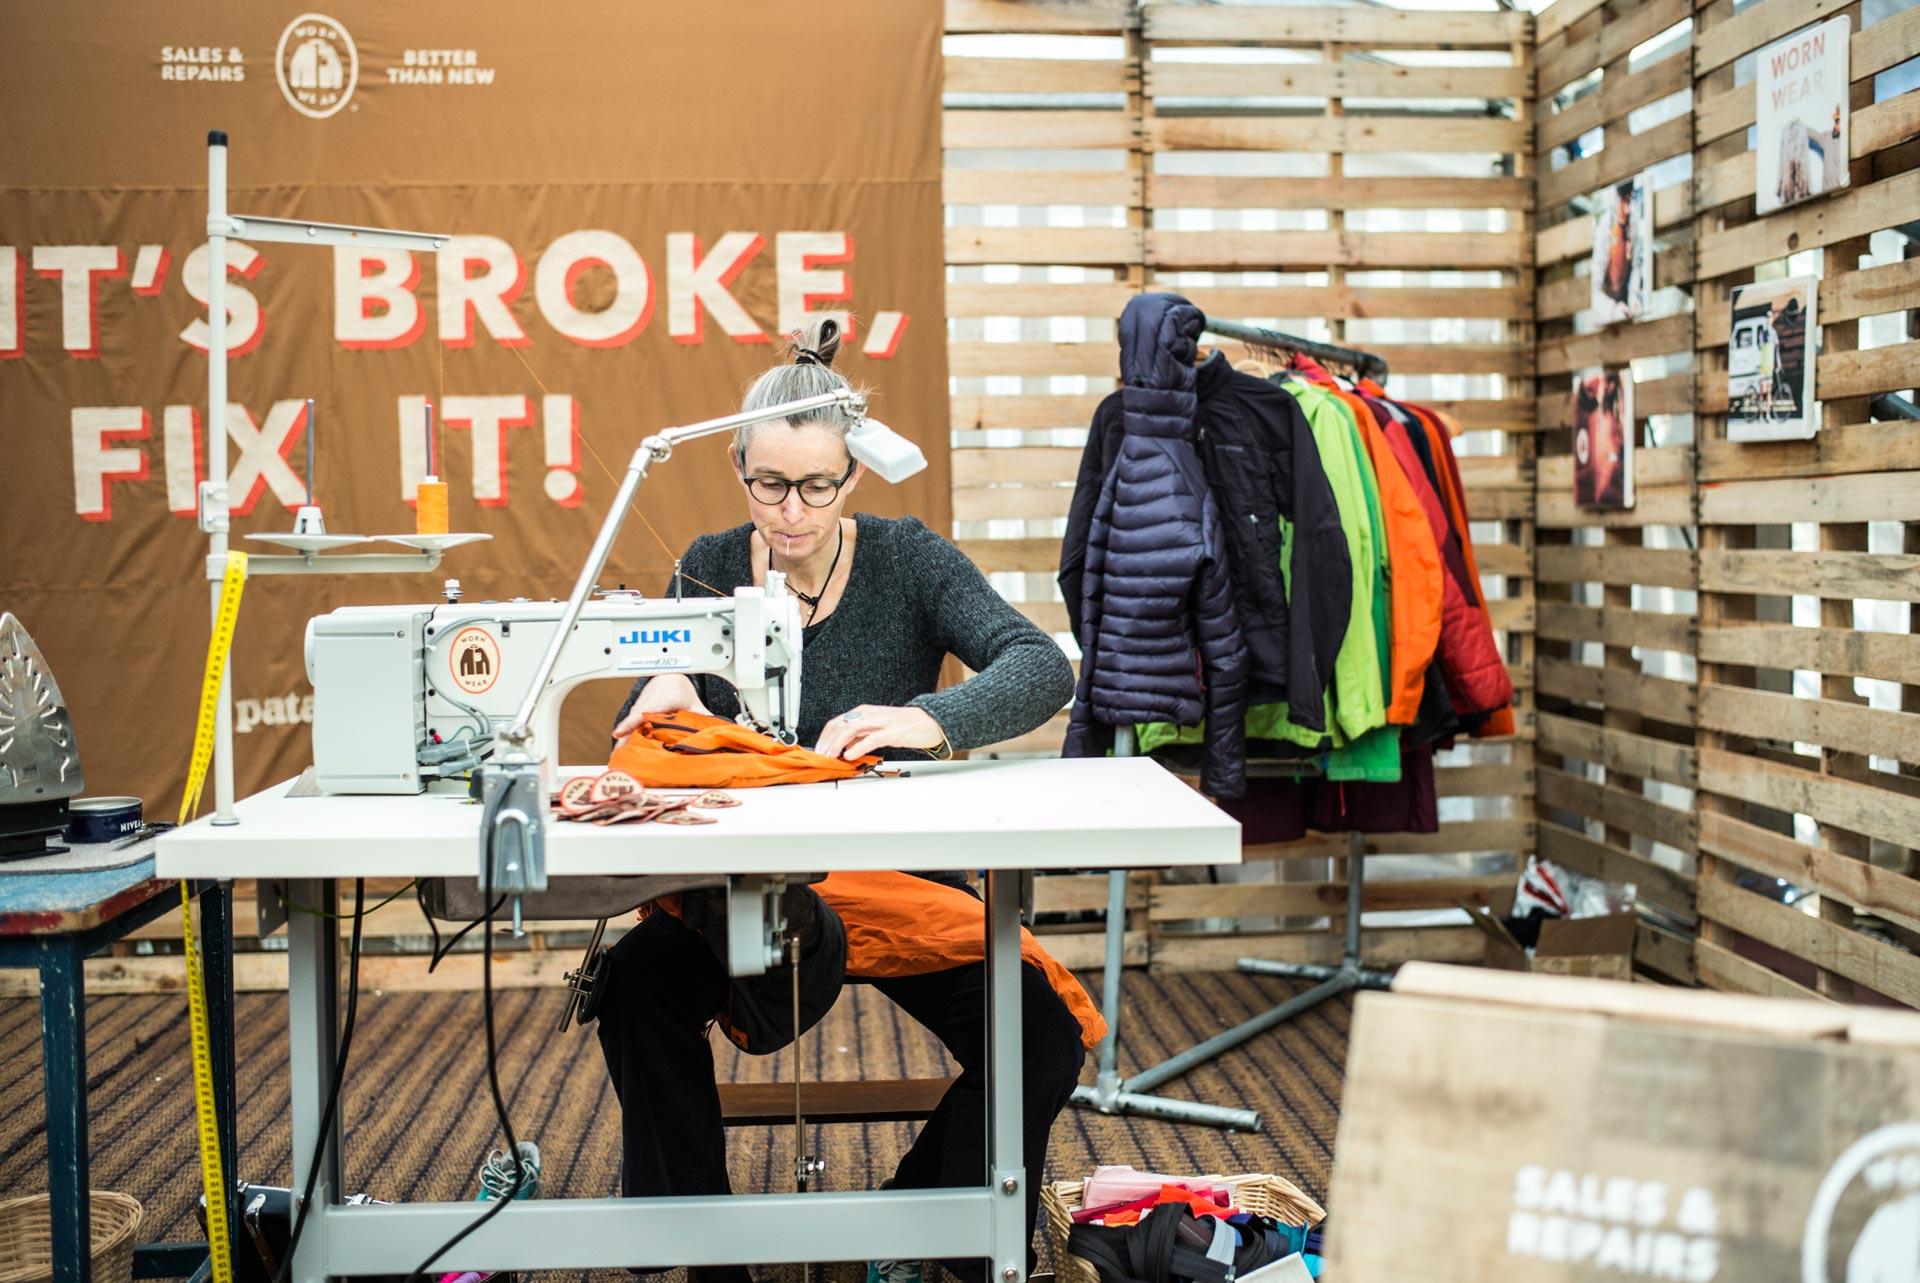 Wer seine Kleidung und die Umwelt liebt, der repariert selber oder lässt reparieren.